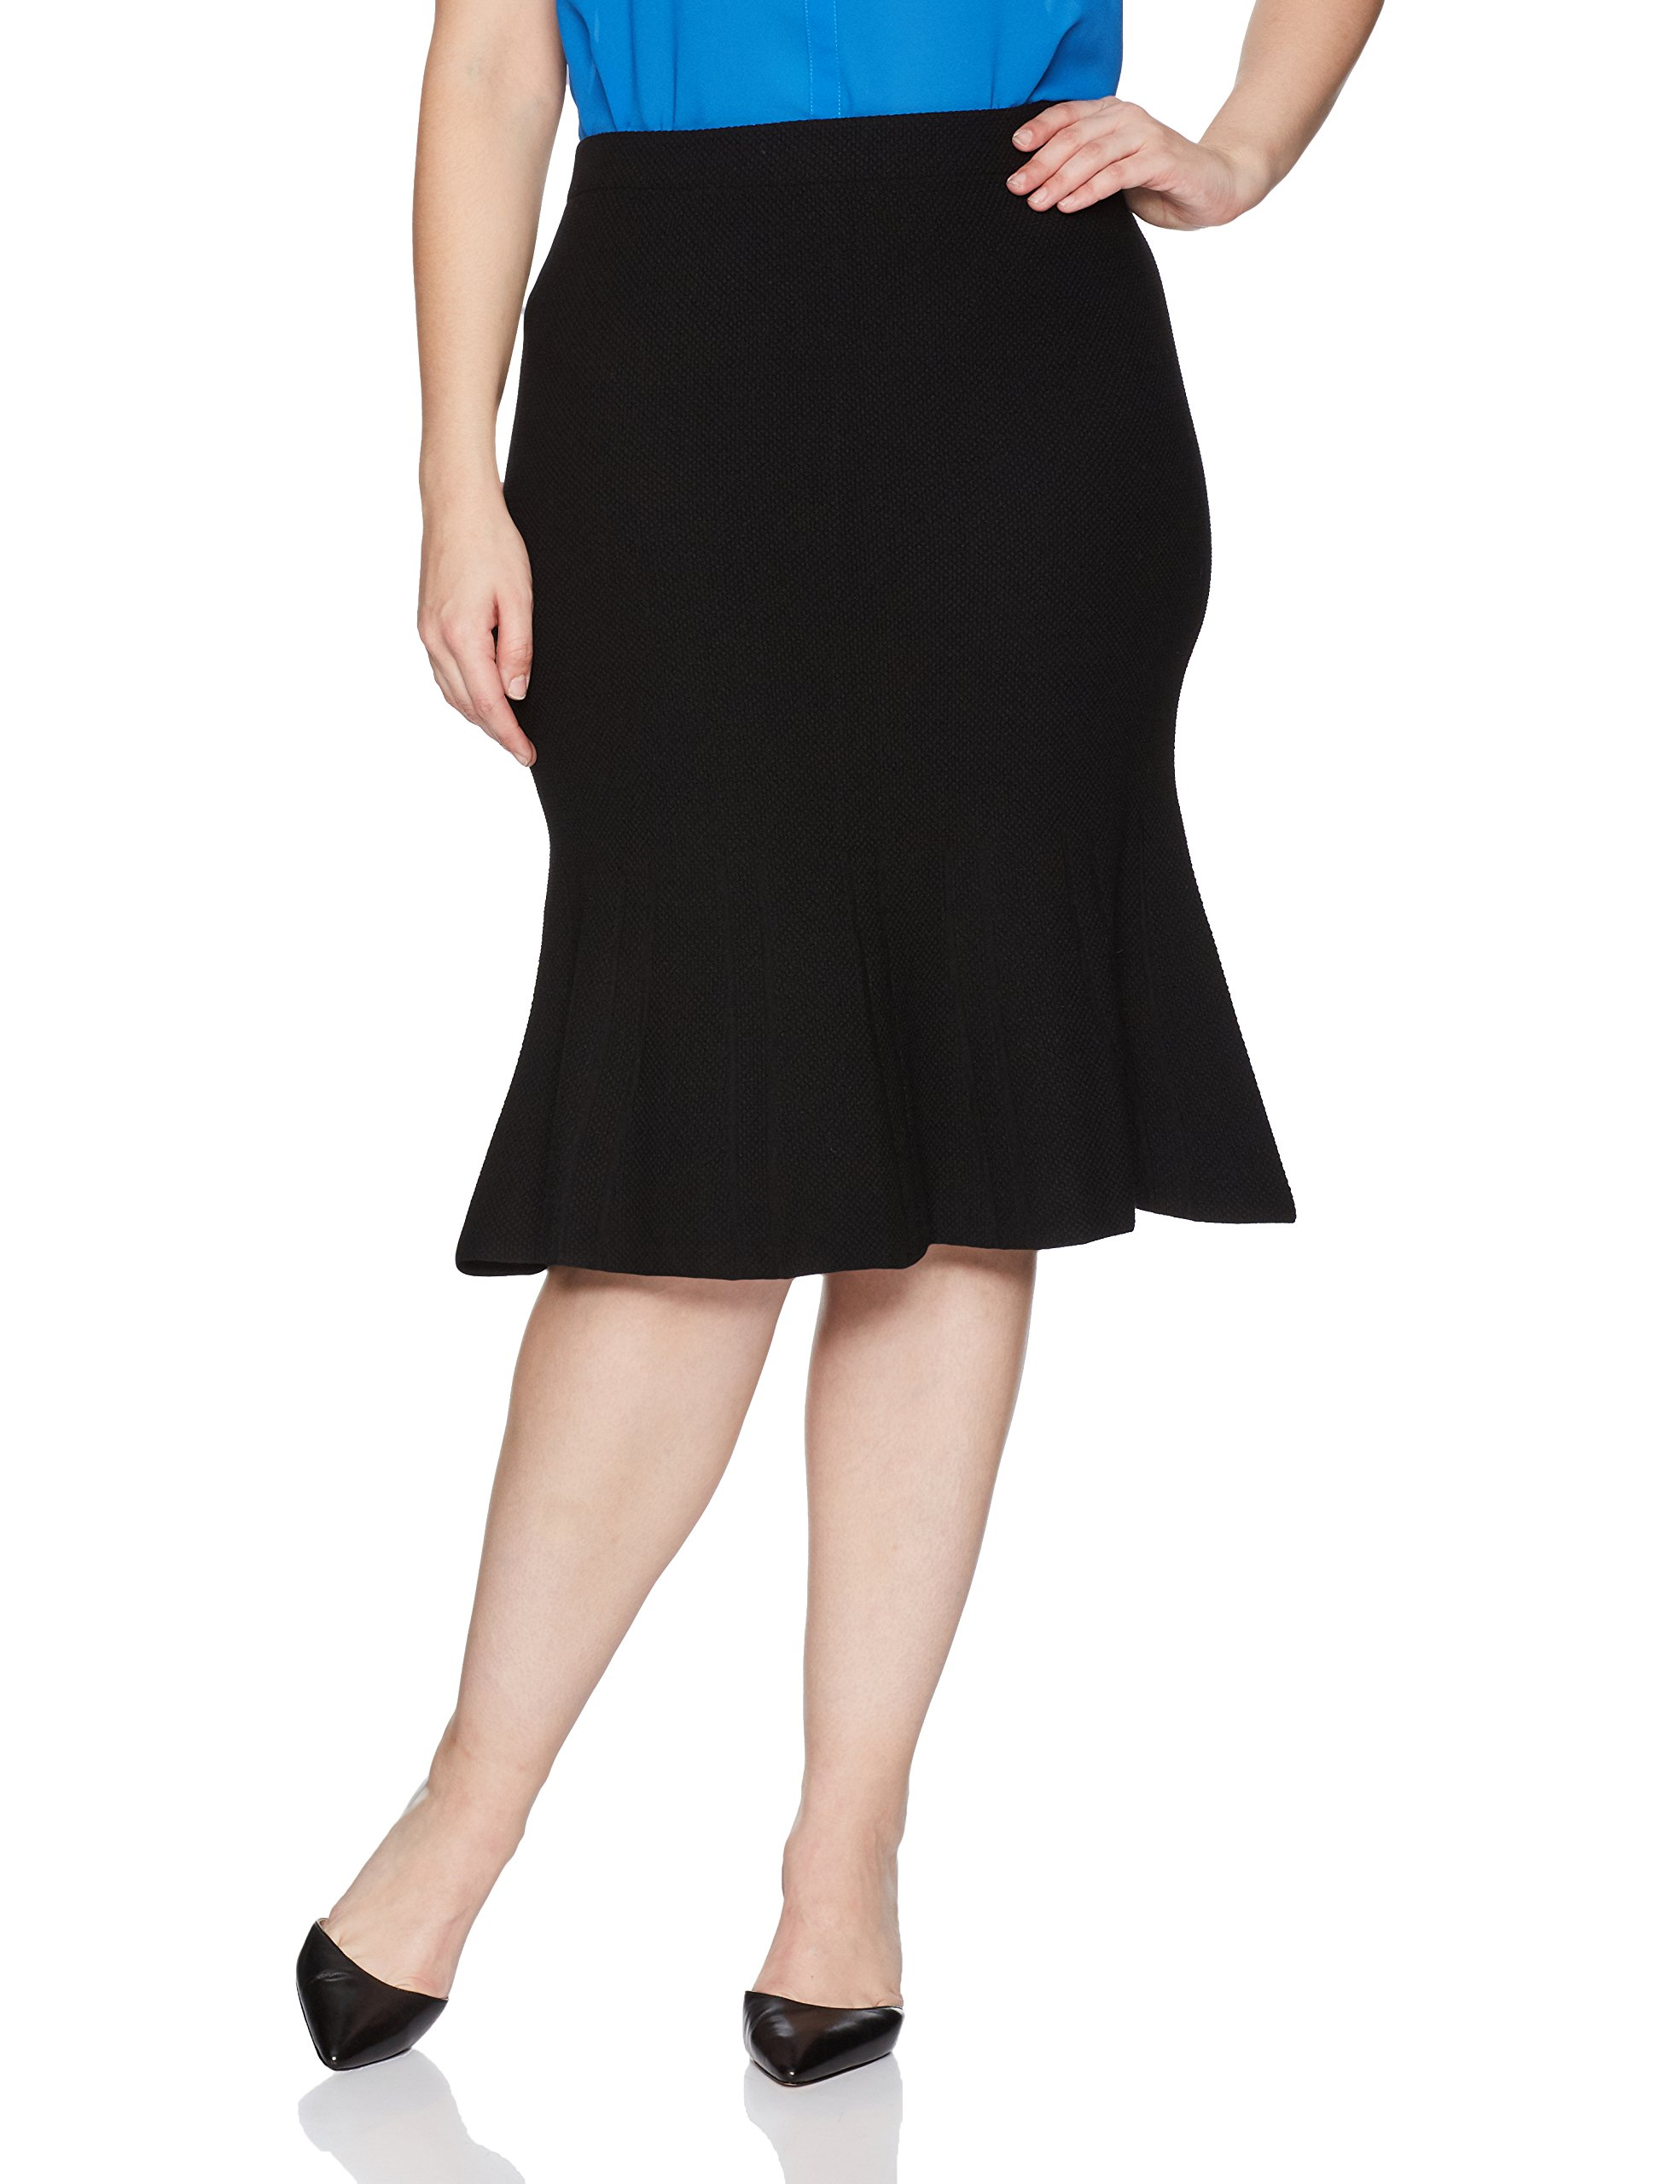 RACHEL Rachel Roy Women's Plus Size Pebble Jacq. Fit and Flare Skirt, Black, 3X